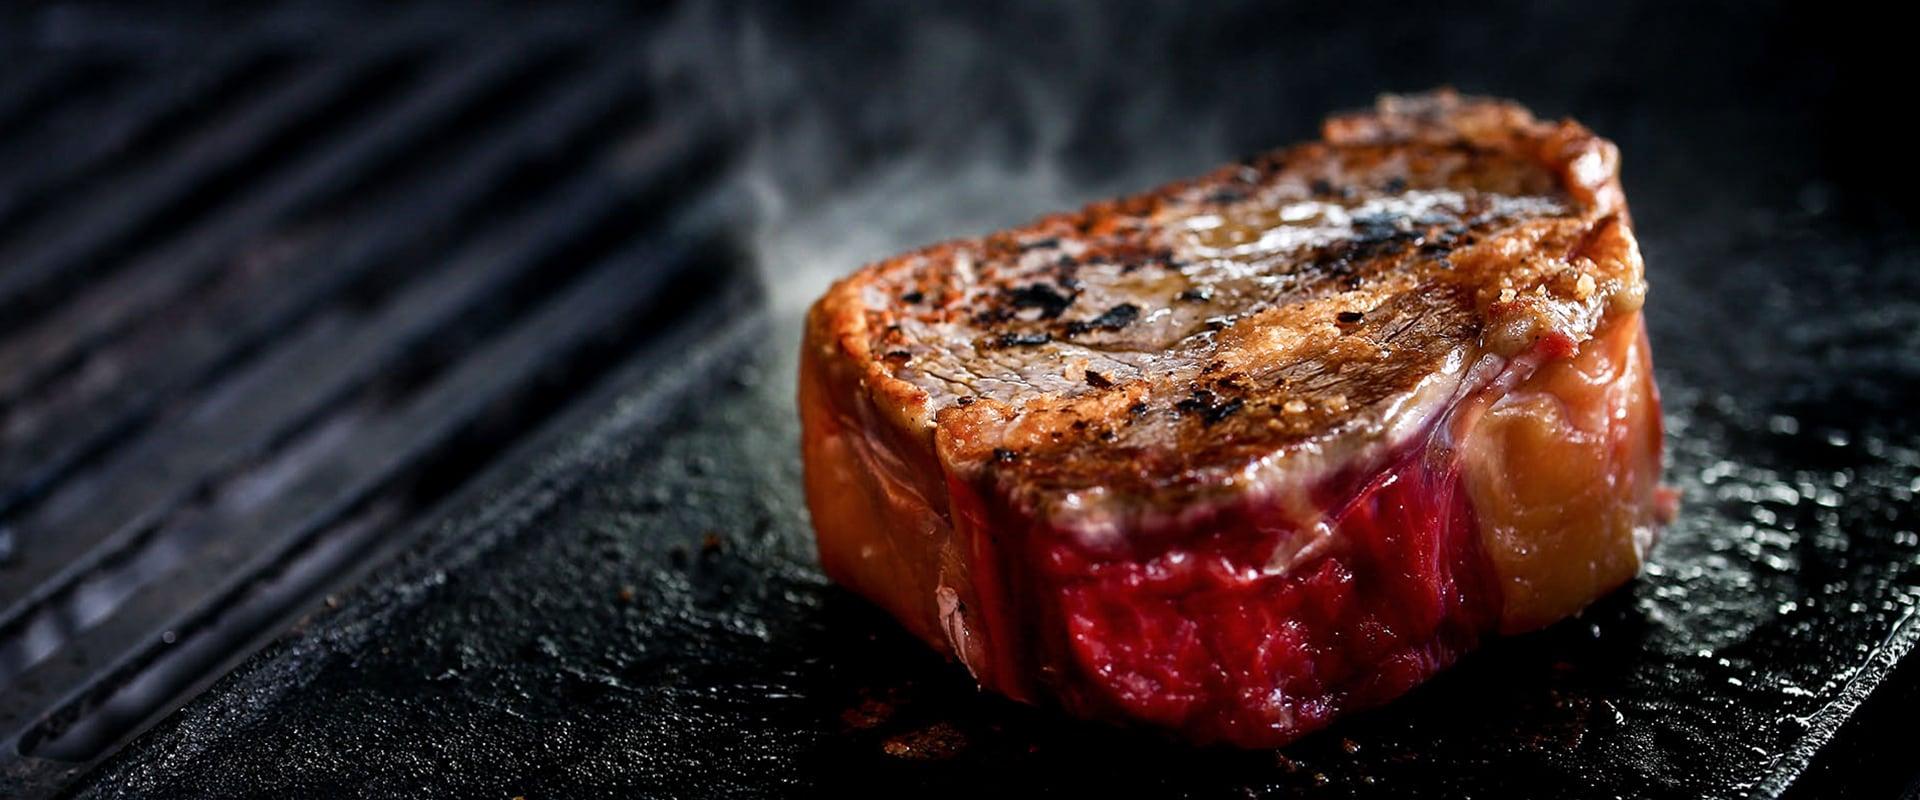 Mythen im Check: Wie lange muss ein Steak wirklich ruhen?